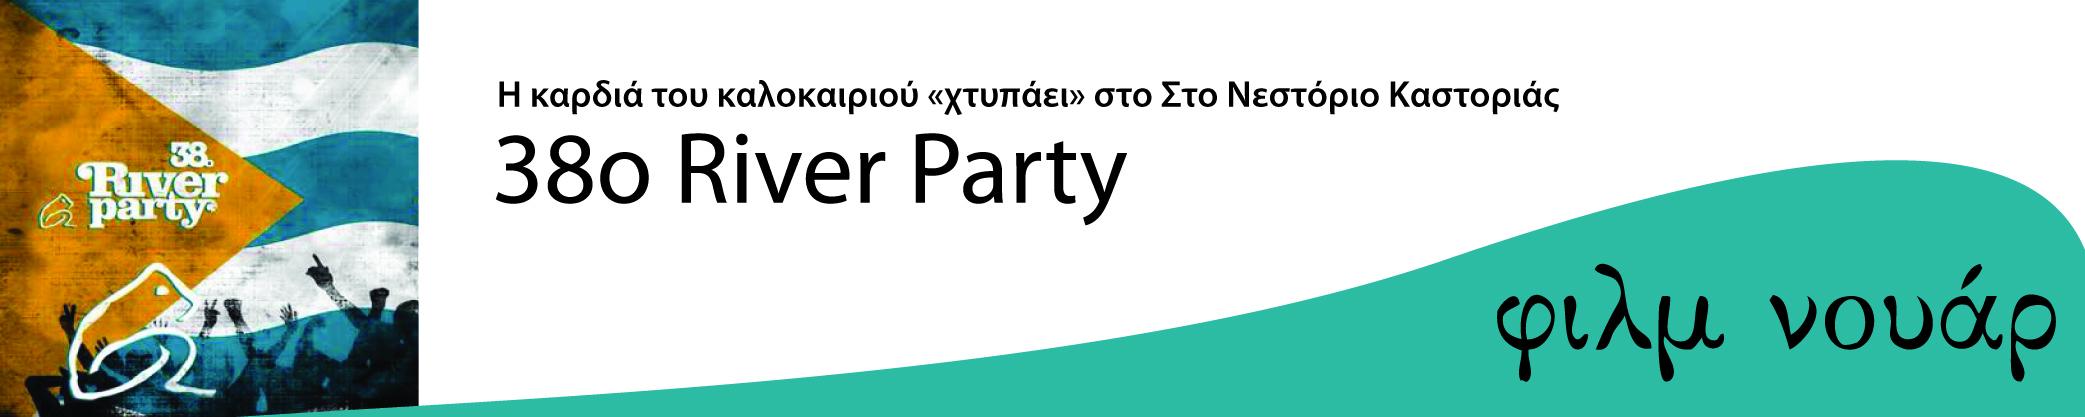 38ο River Party